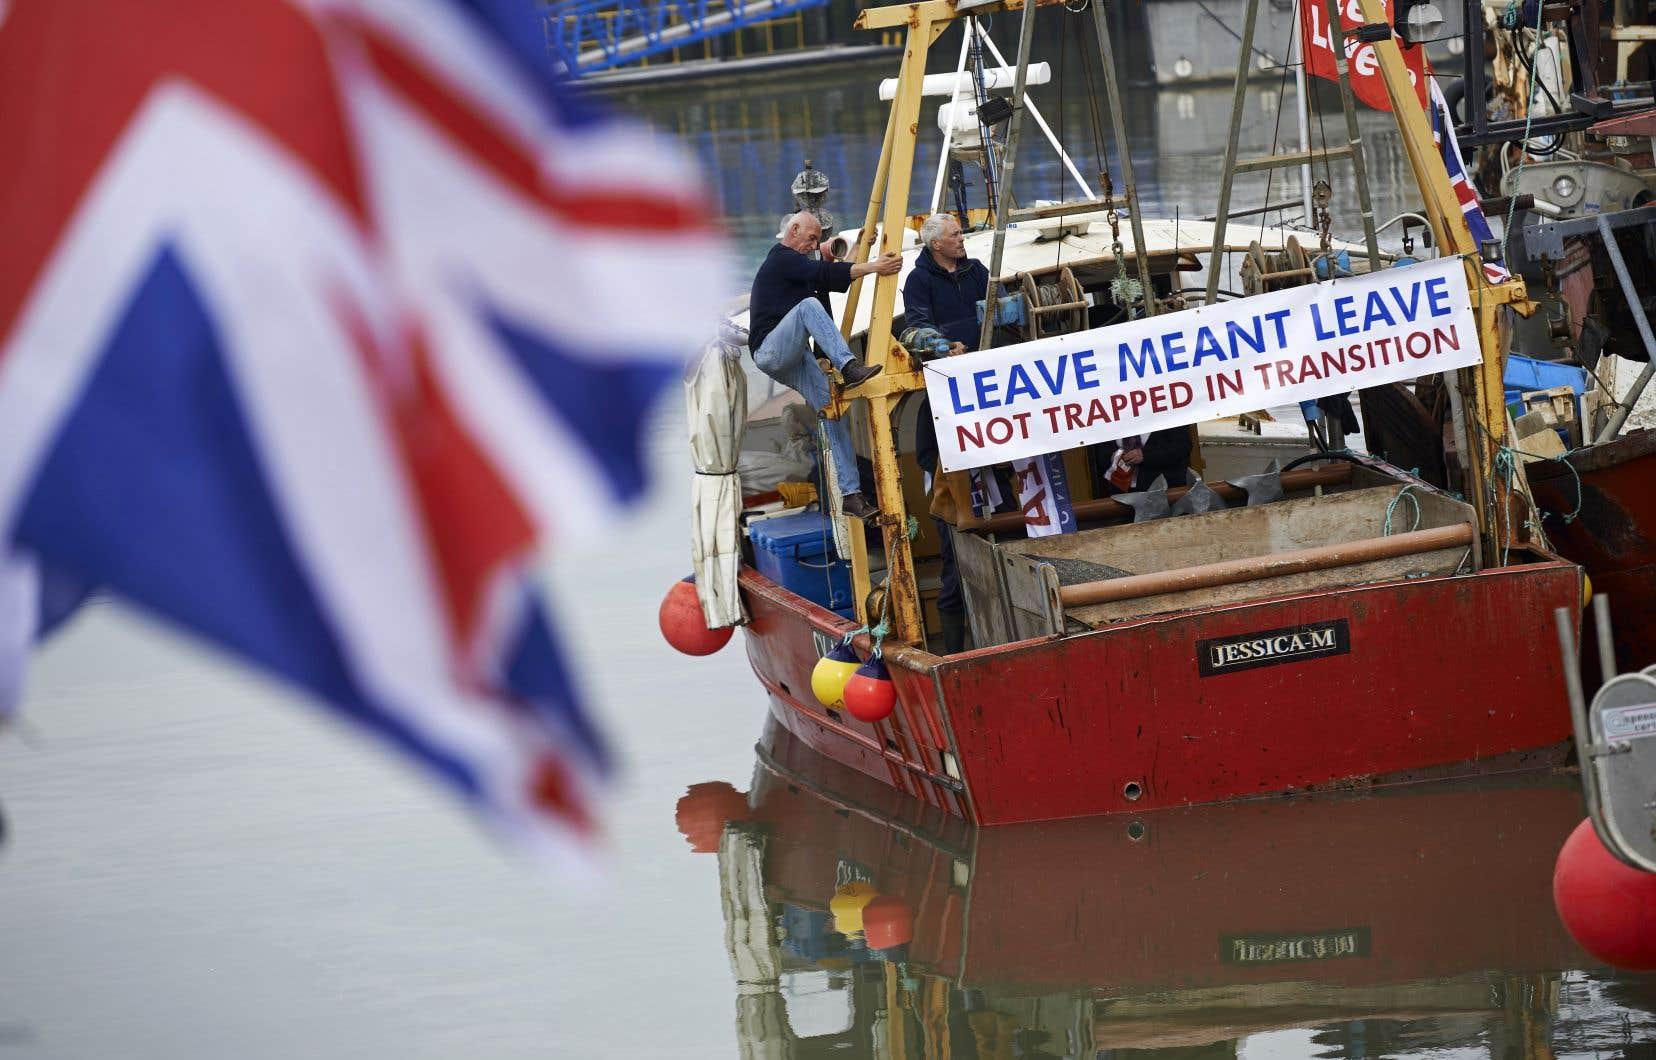 La période de transition, en cours depuis la sortie du Royaume-Uni de l'UE en janvier 2020, se termine fin décembre avec la sortie des Britanniques du marché unique.